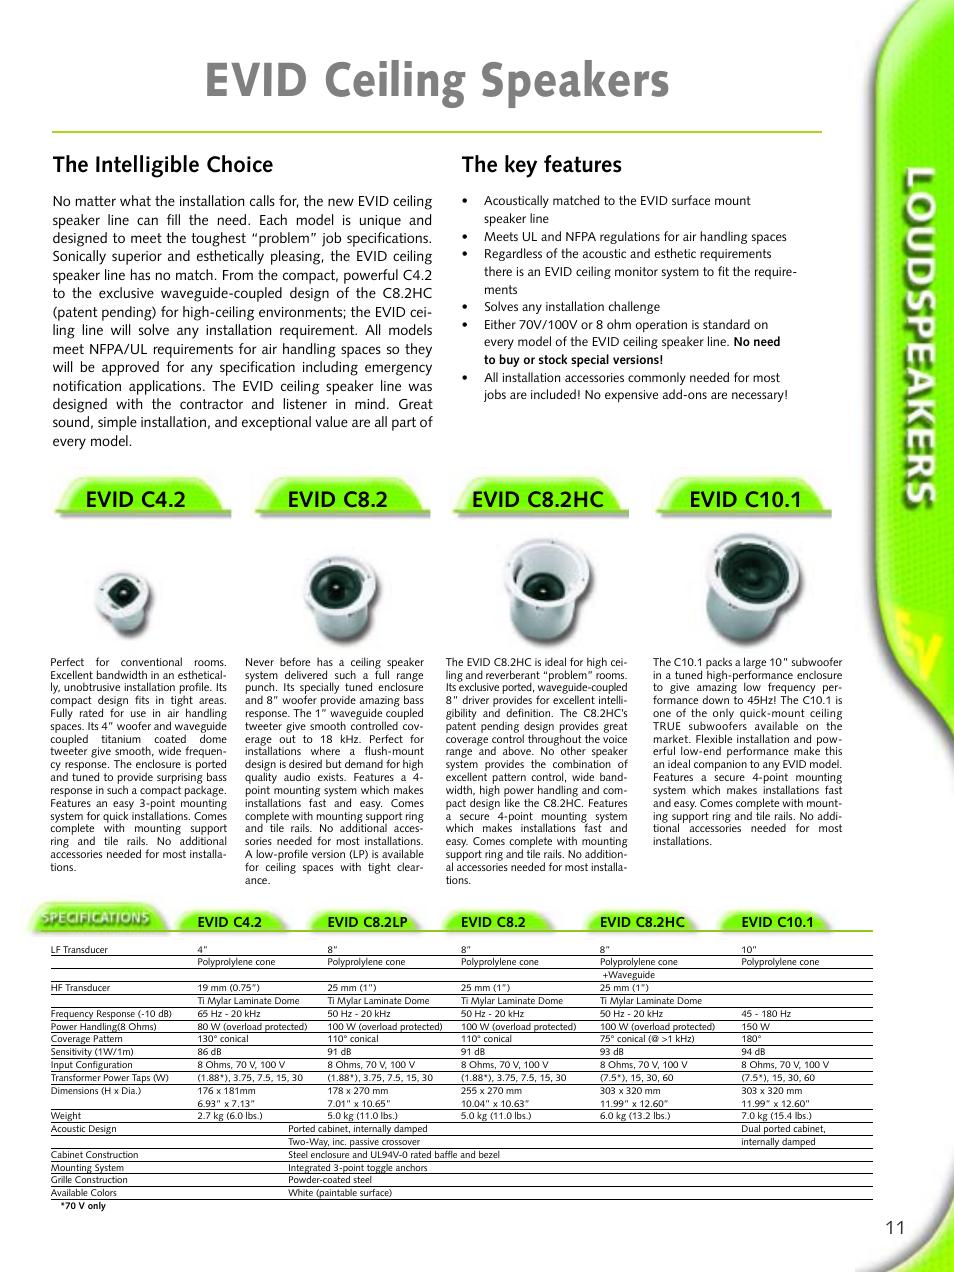 Evid ceiling speakers, Evid c4.2, Evid c8.2 | Evid c8